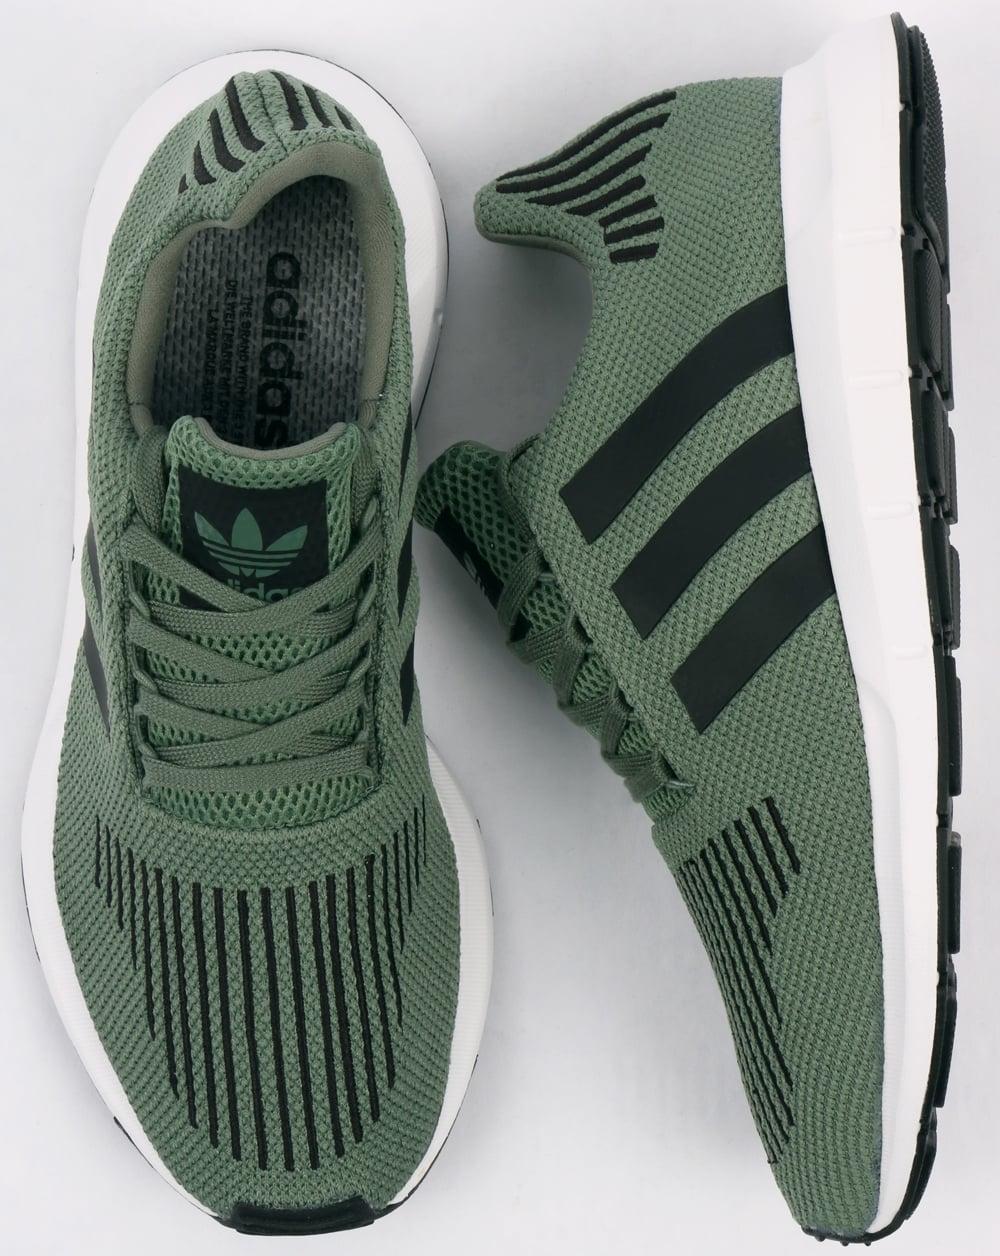 9d3253b8ecccd3 Adidas Swift Run Trainers Trace Green Black